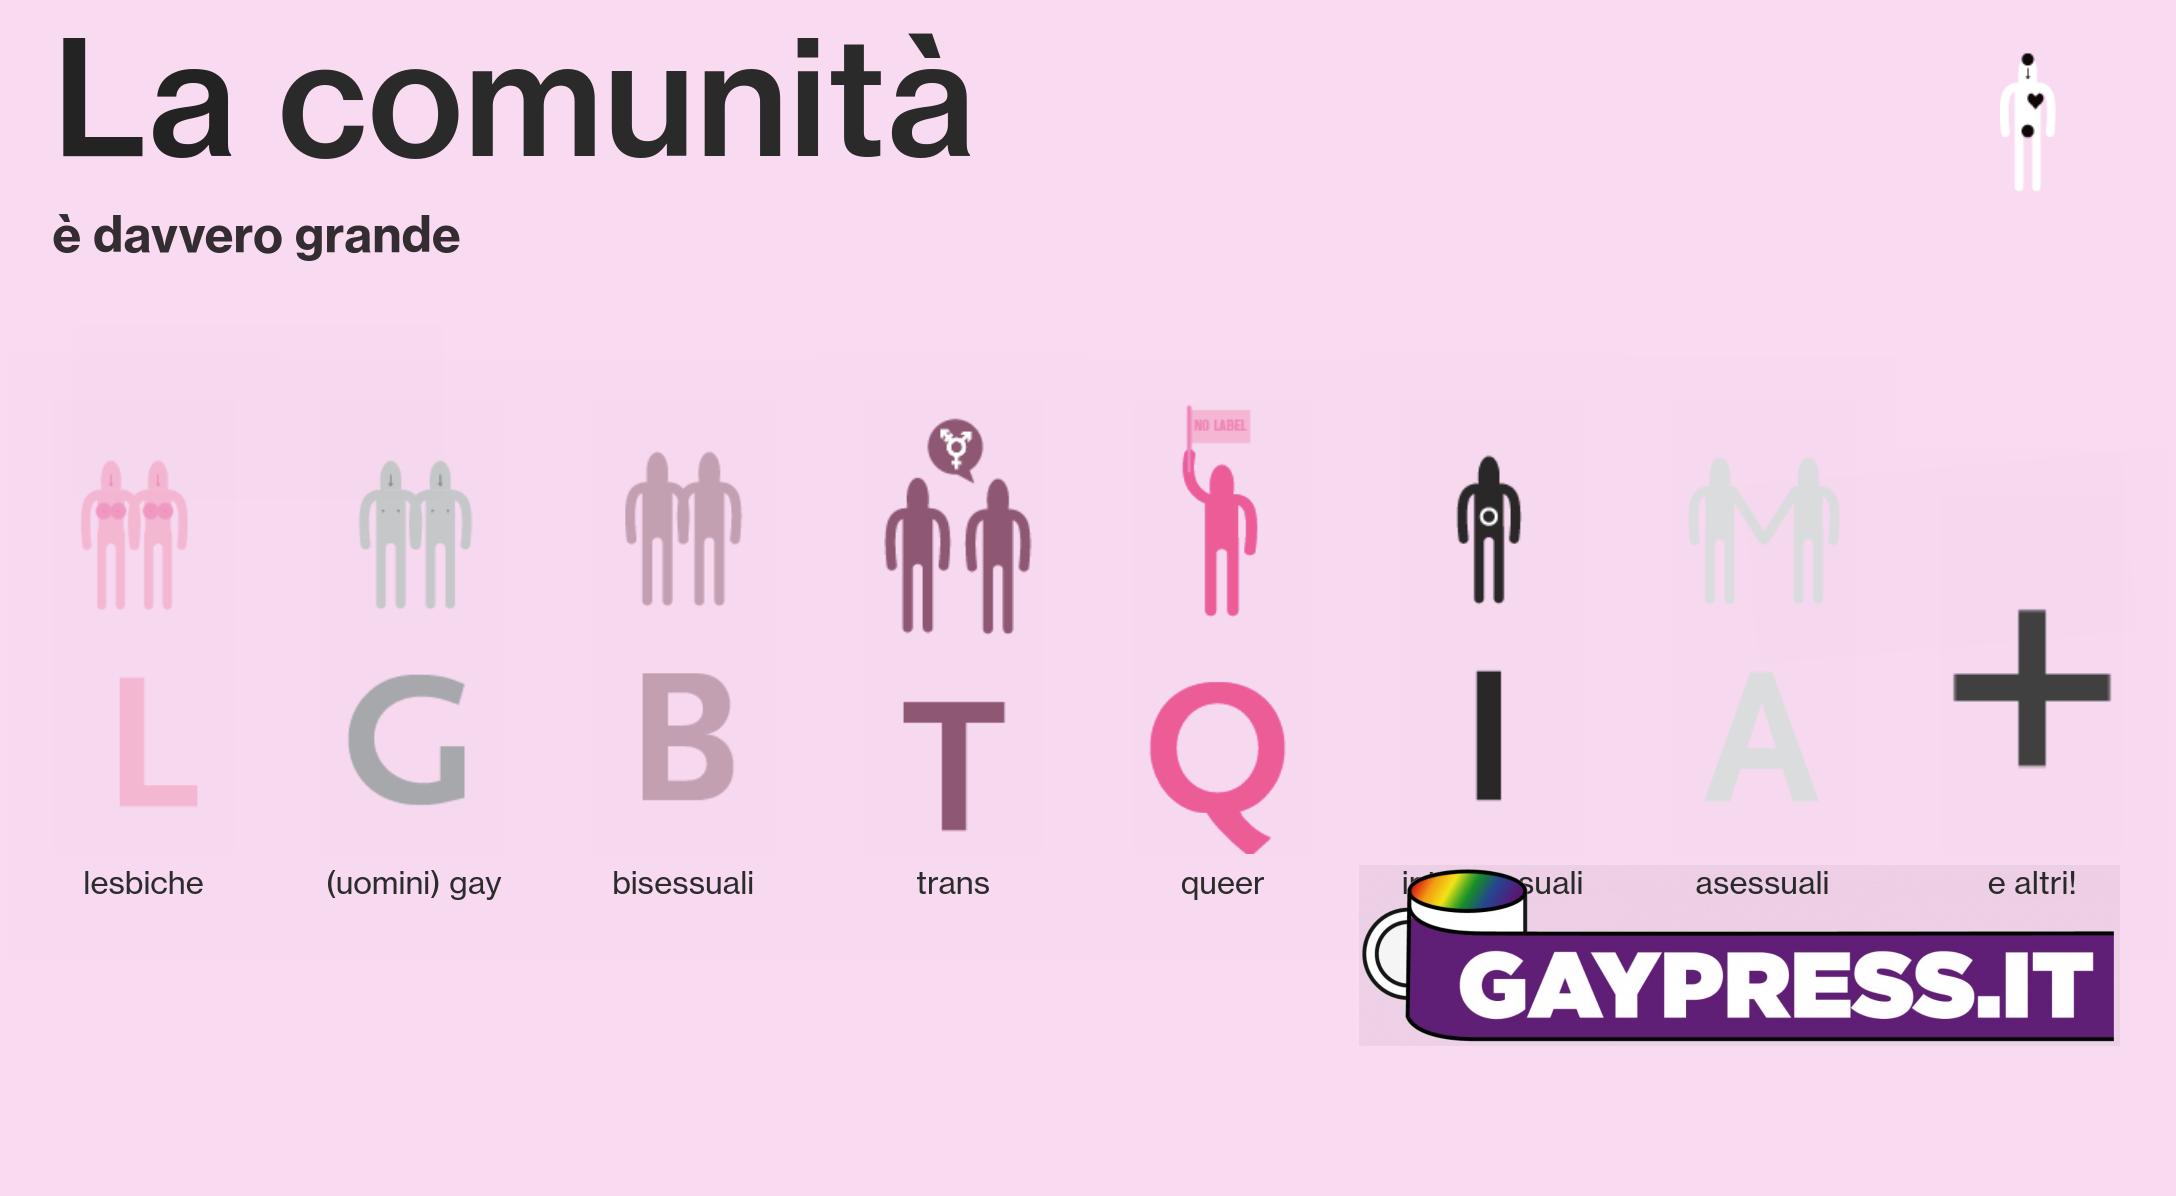 Comunità LGBTQIA+